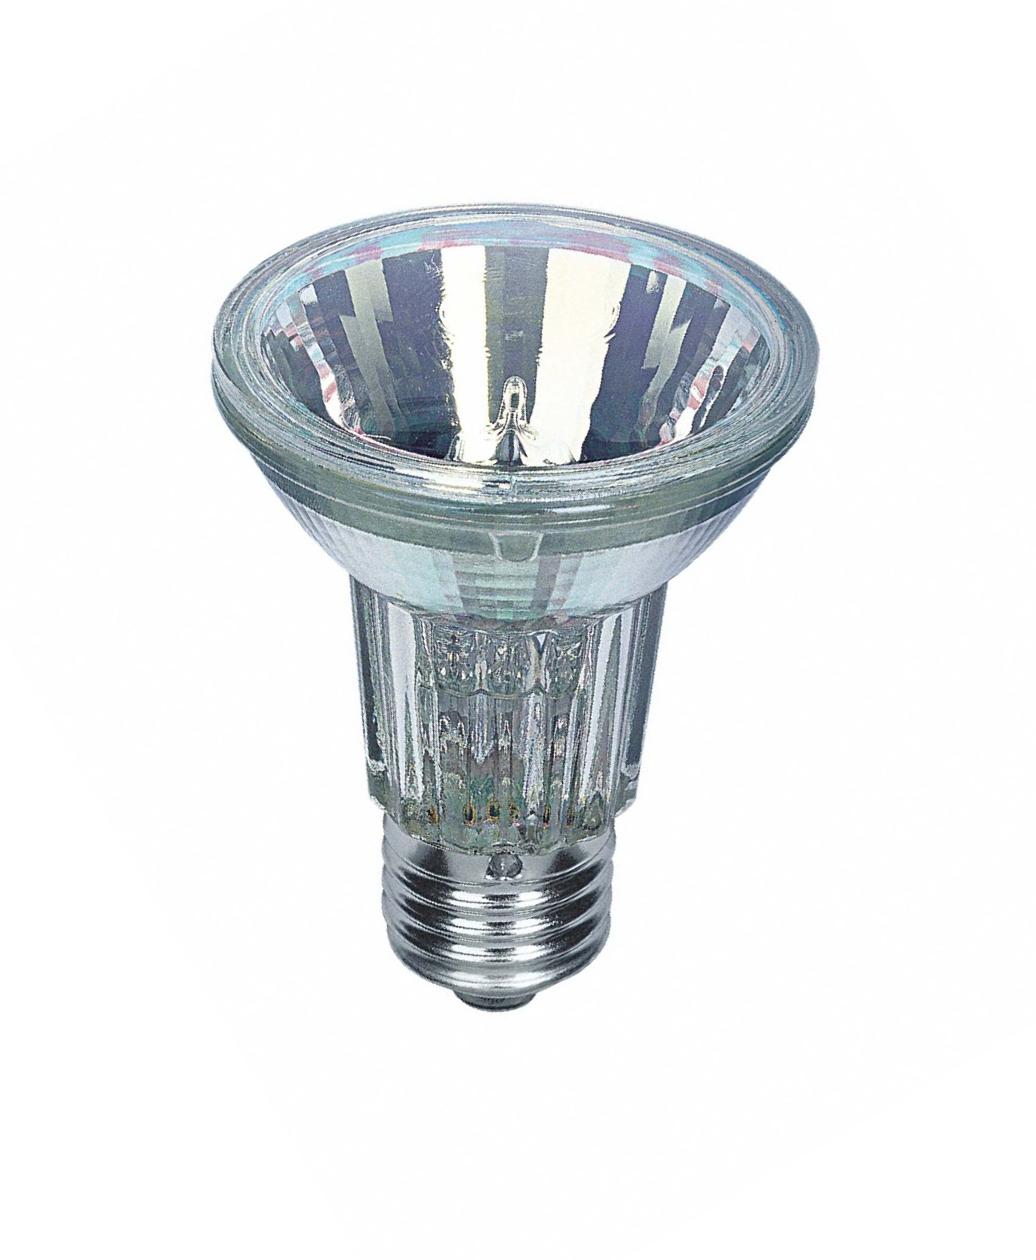 1 Stk QPAR-CB 20 50W 30° E27, Halogenpressglaslampe LI5X406862